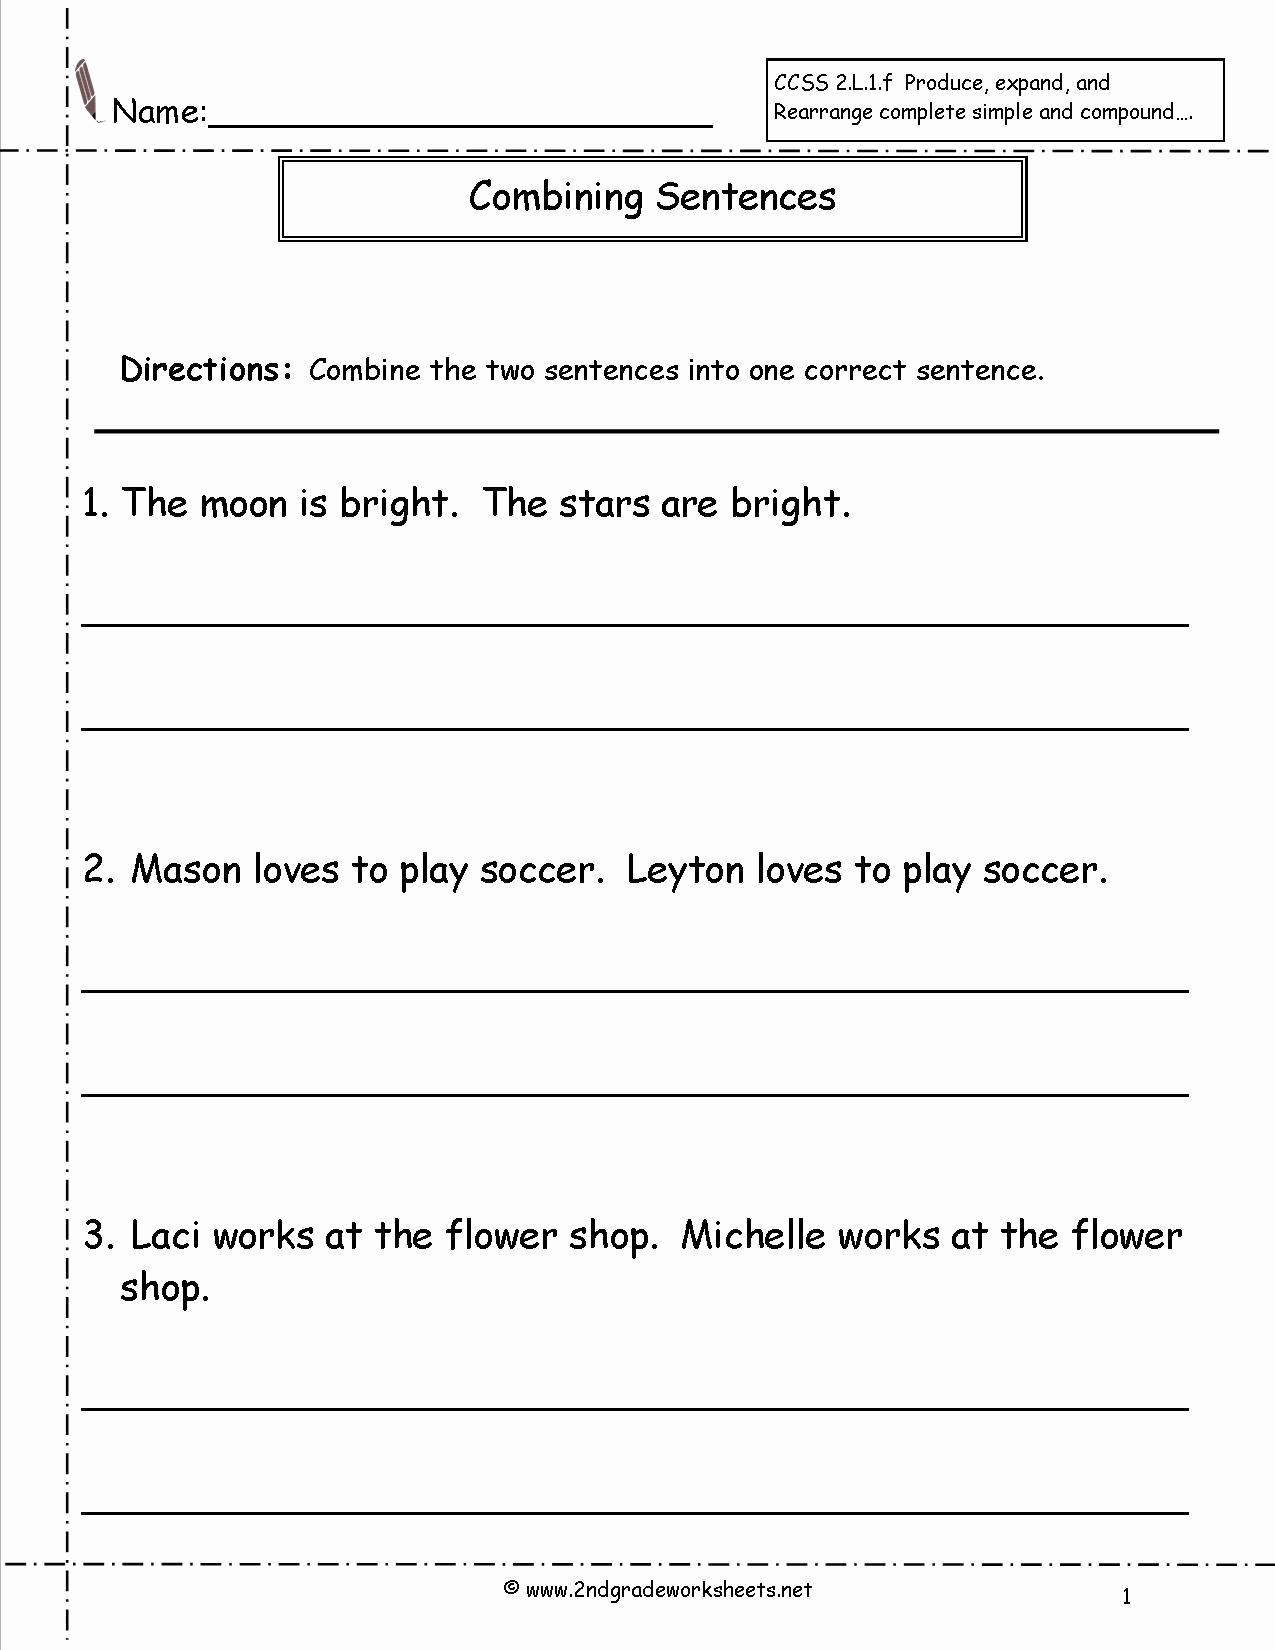 Scrambled Sentences Worksheets 3rd Grade Inspirational 20 Scrambled Sentences Worksheets 3rd Grade